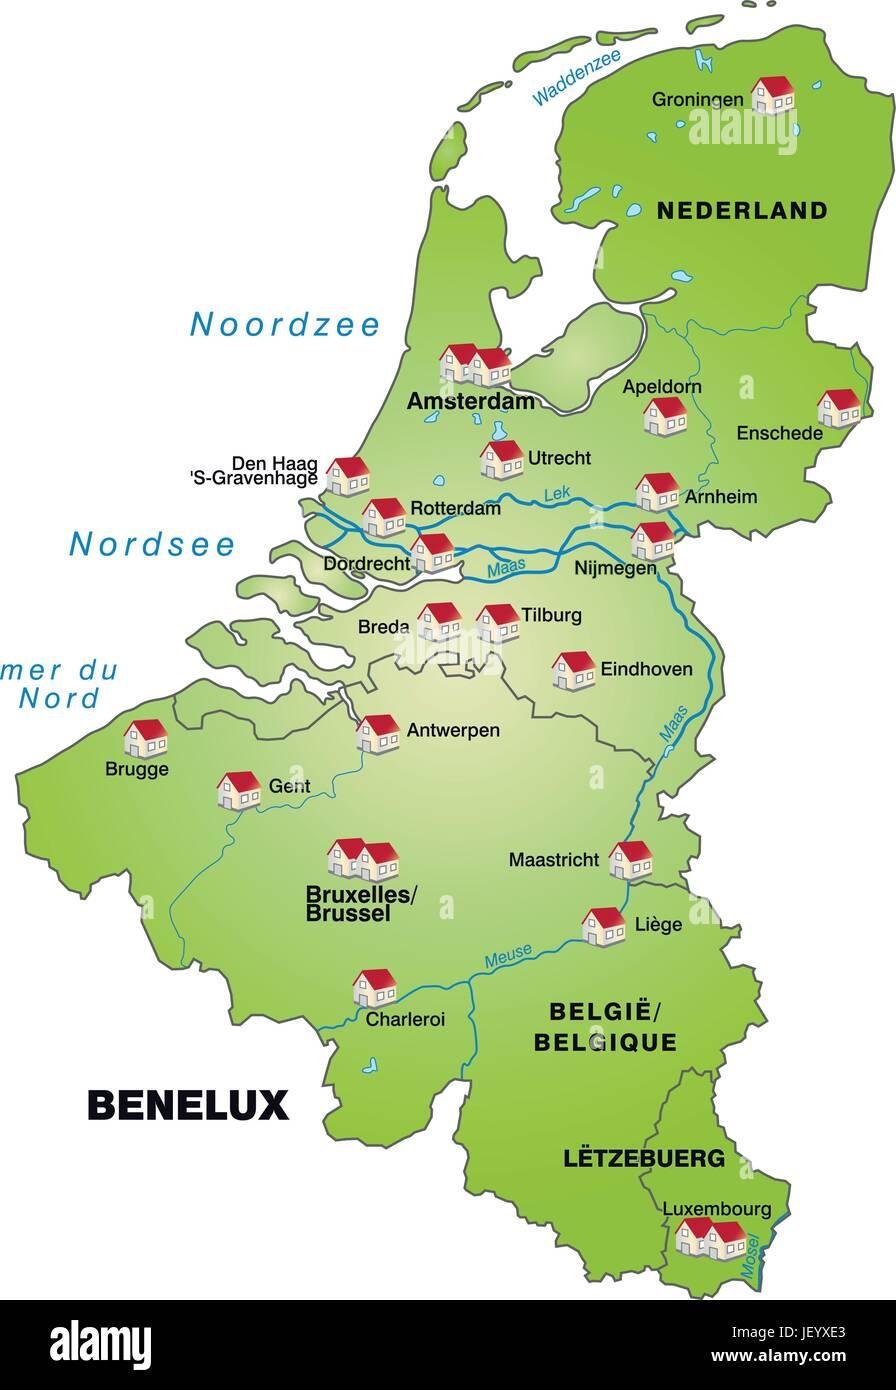 Karte Von Holland Und Belgien.Belgien Holland Benelux Karte Gliederung Grenzen